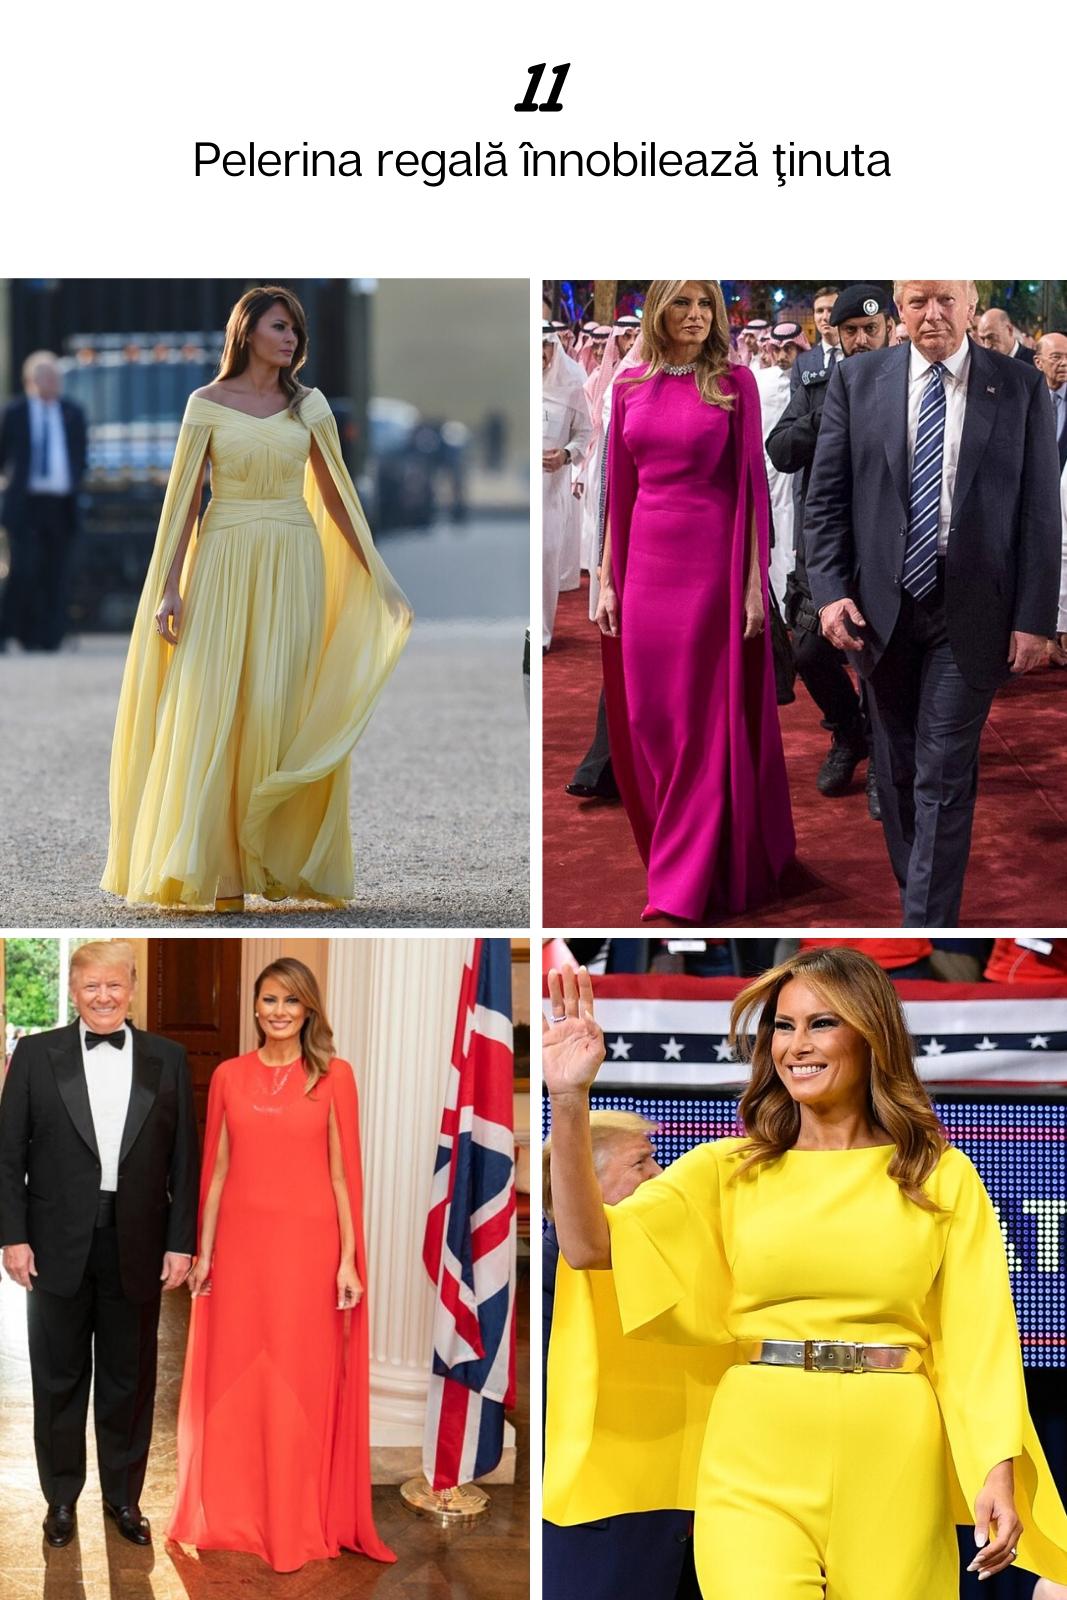 13 reguli de stil respectate de Melania Trump pentru a arăta mereu impecabil! Galerie Foto Sursa Profimedia Images srl